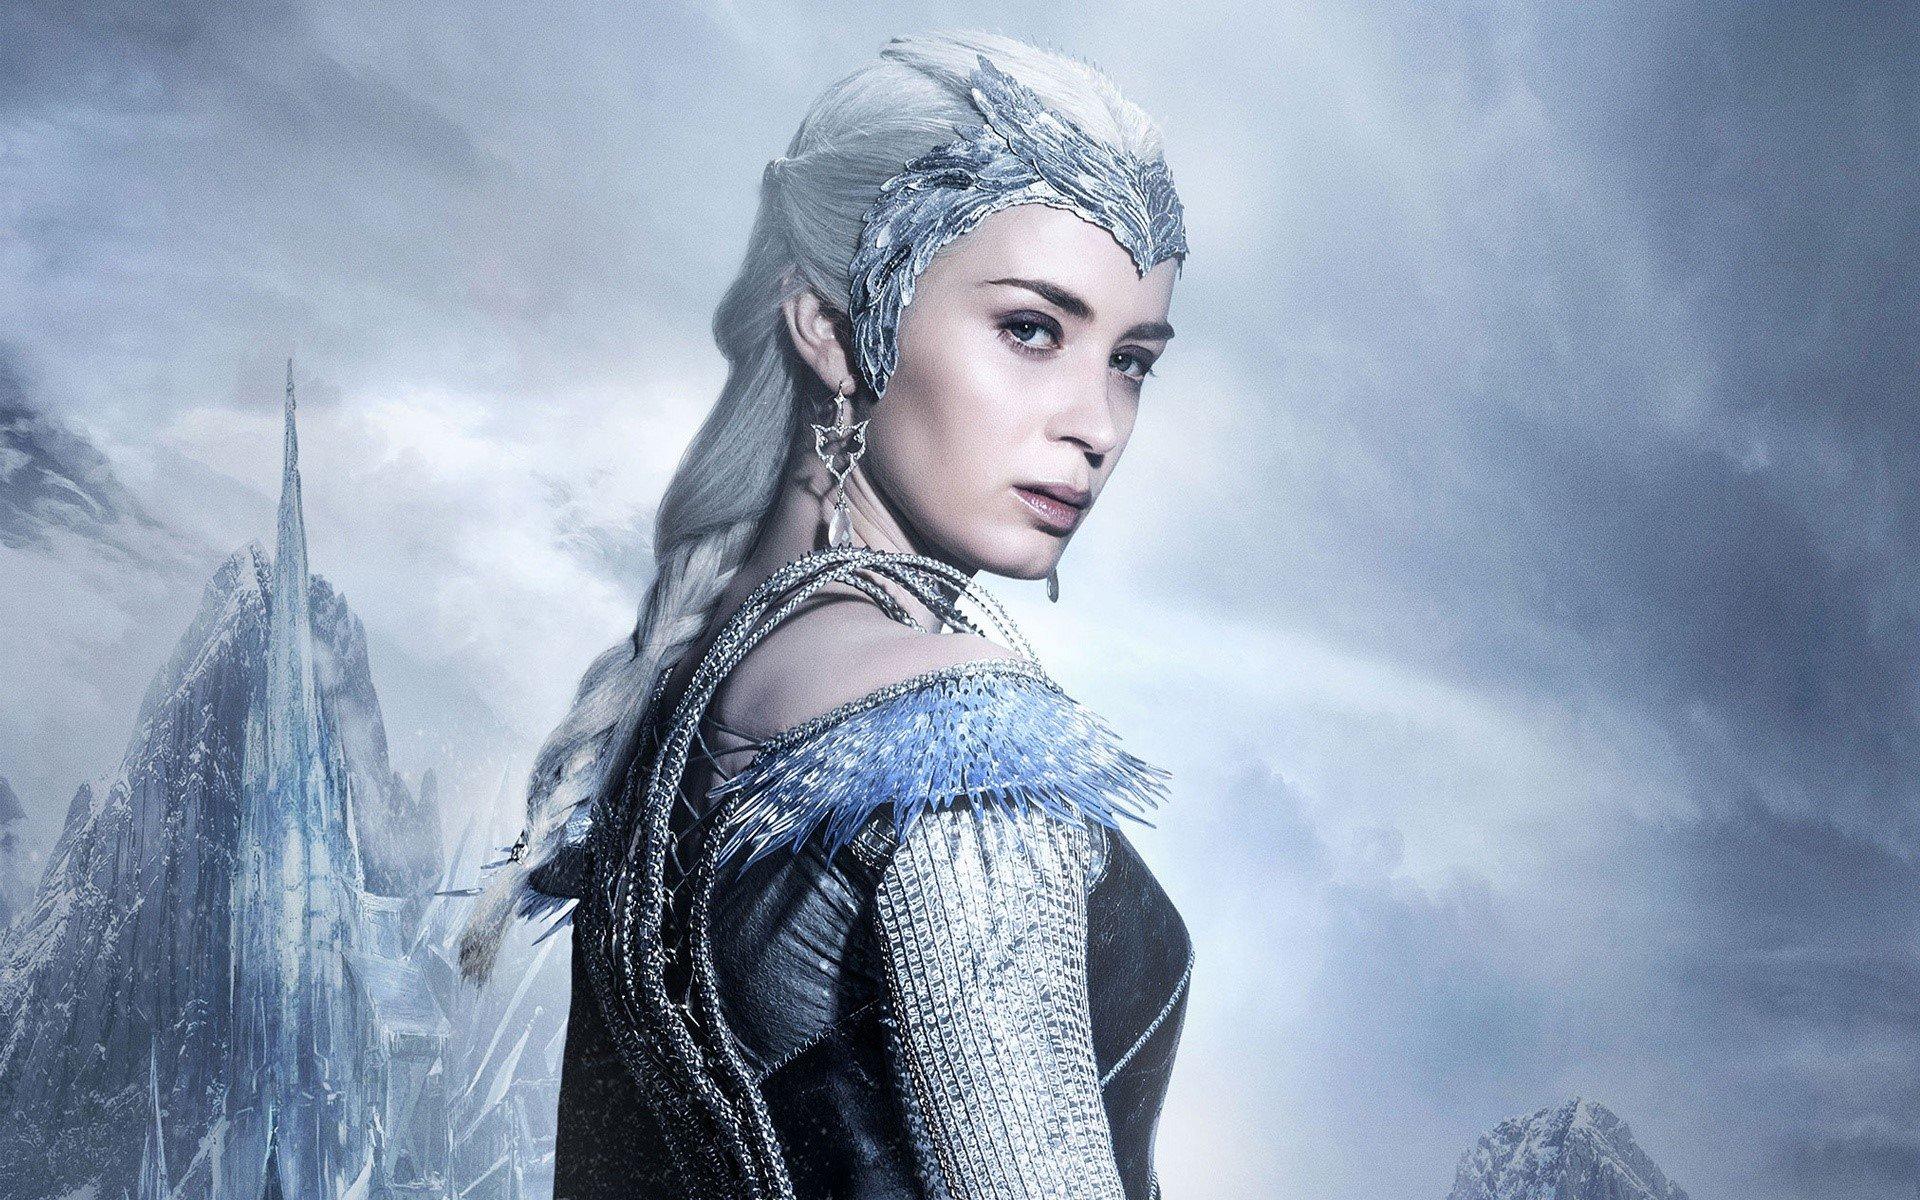 Wallpaper Ice queen